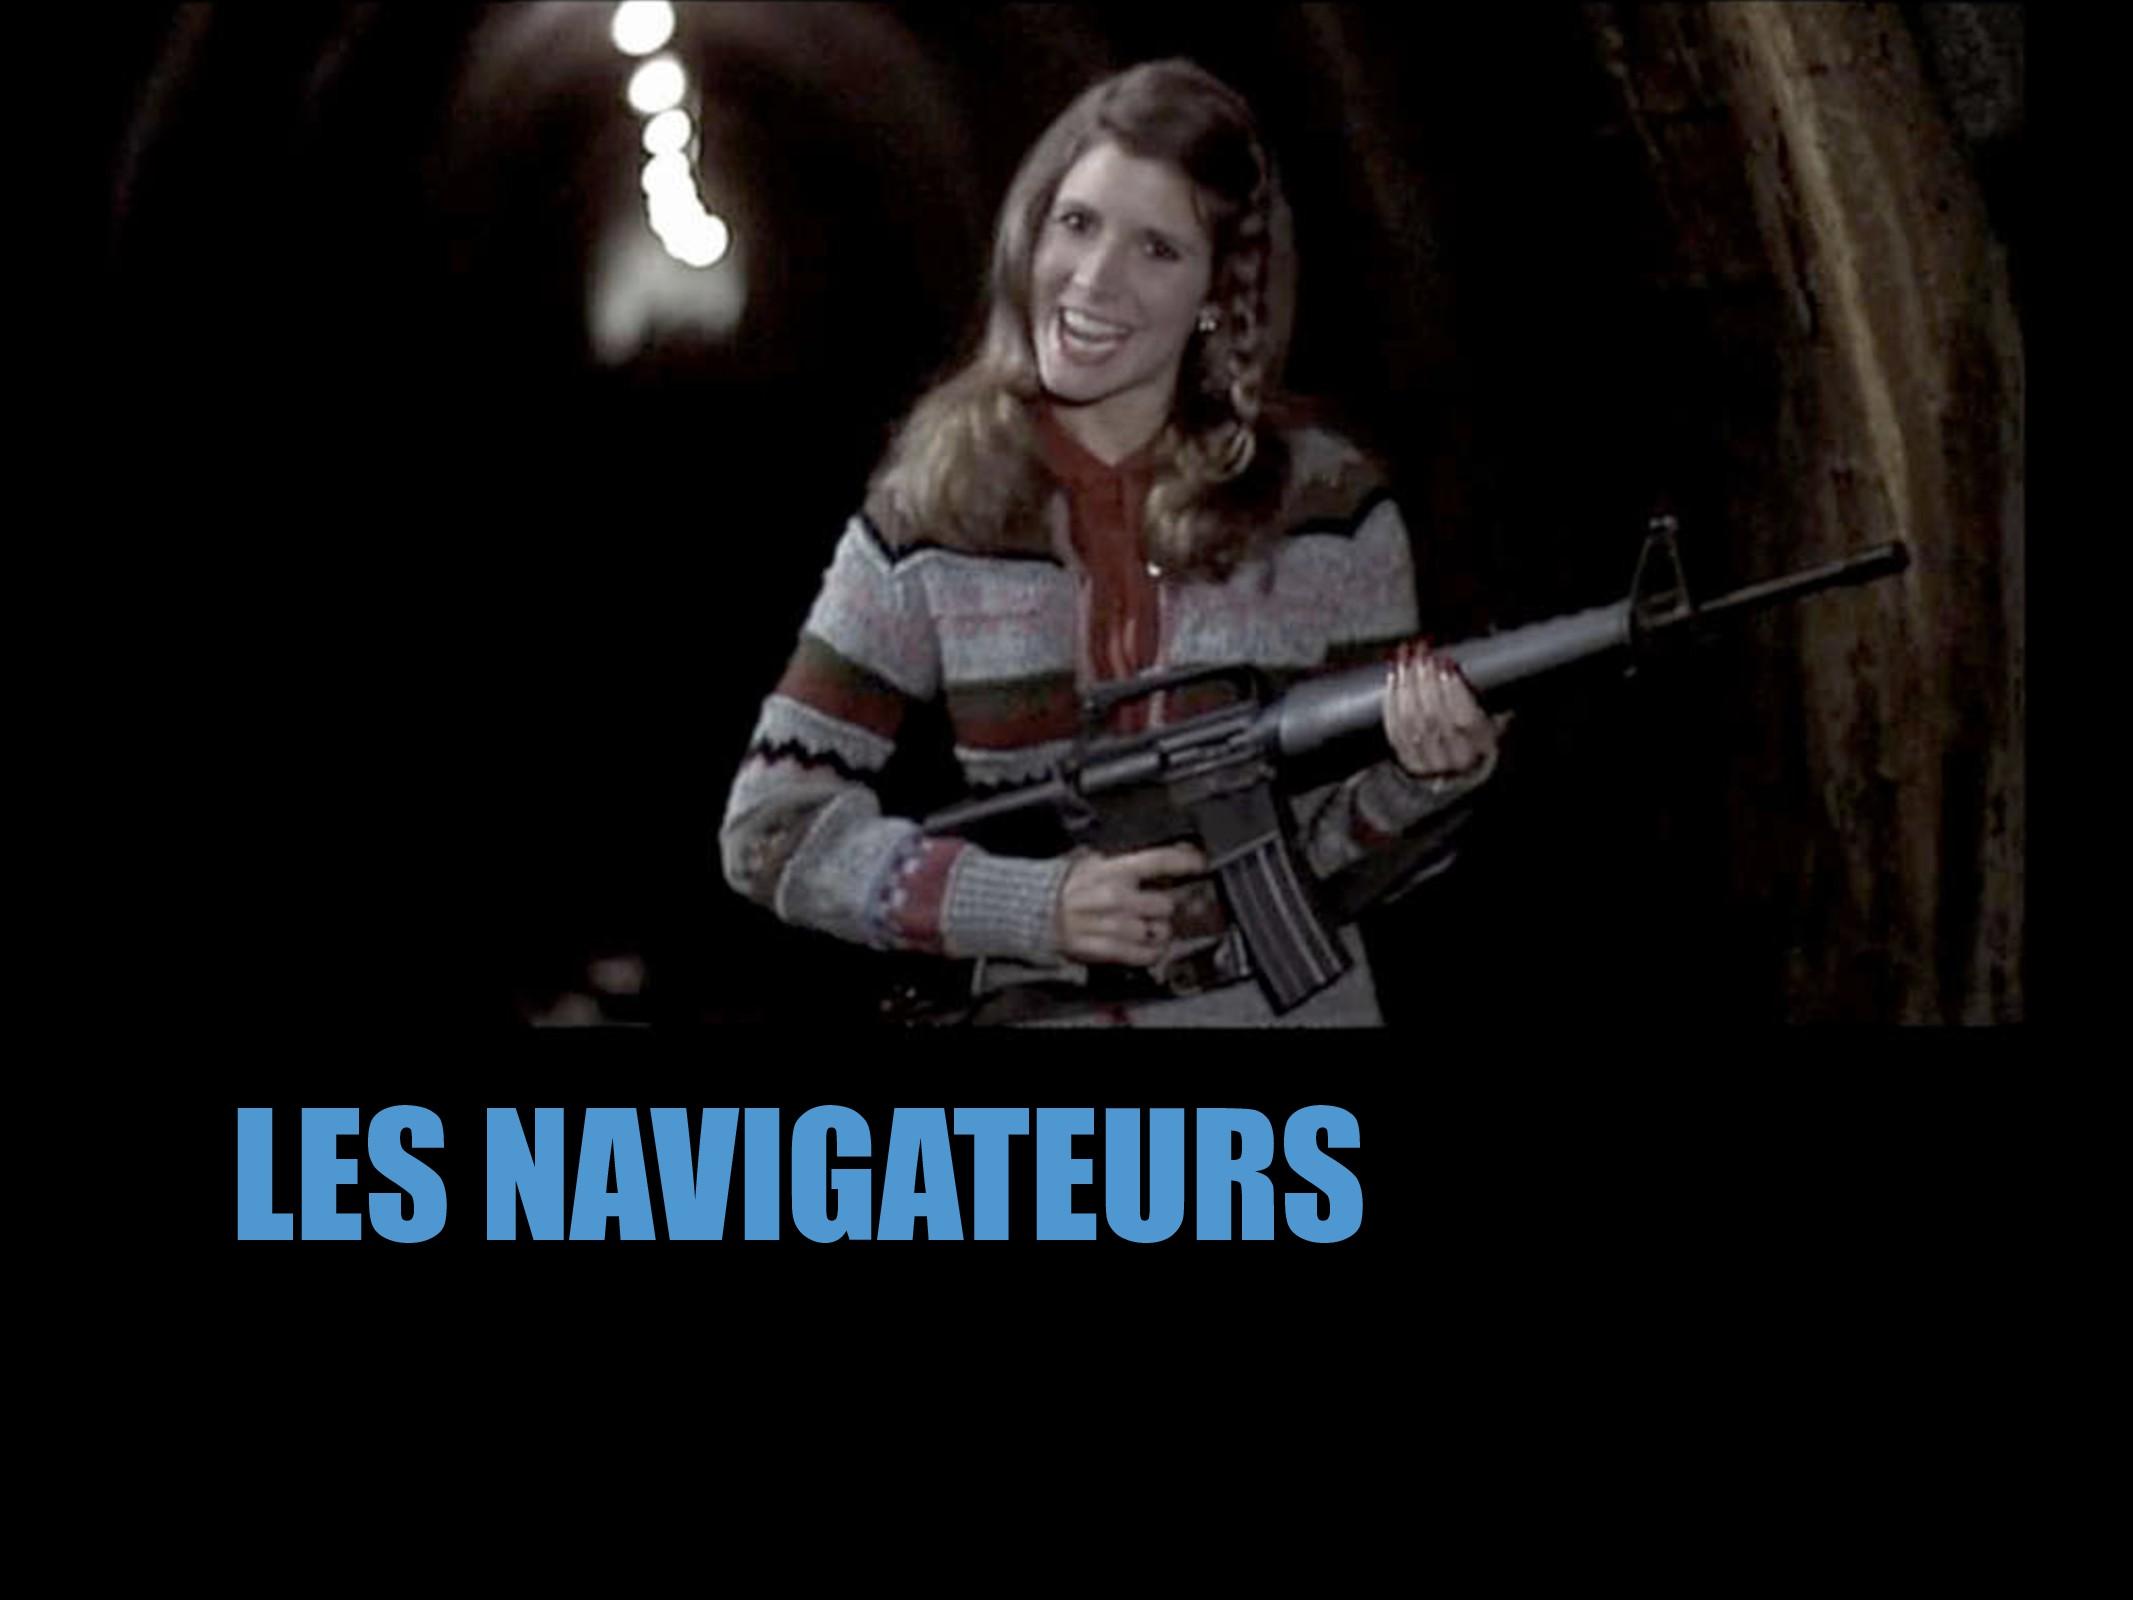 LES NAVIGATEURS